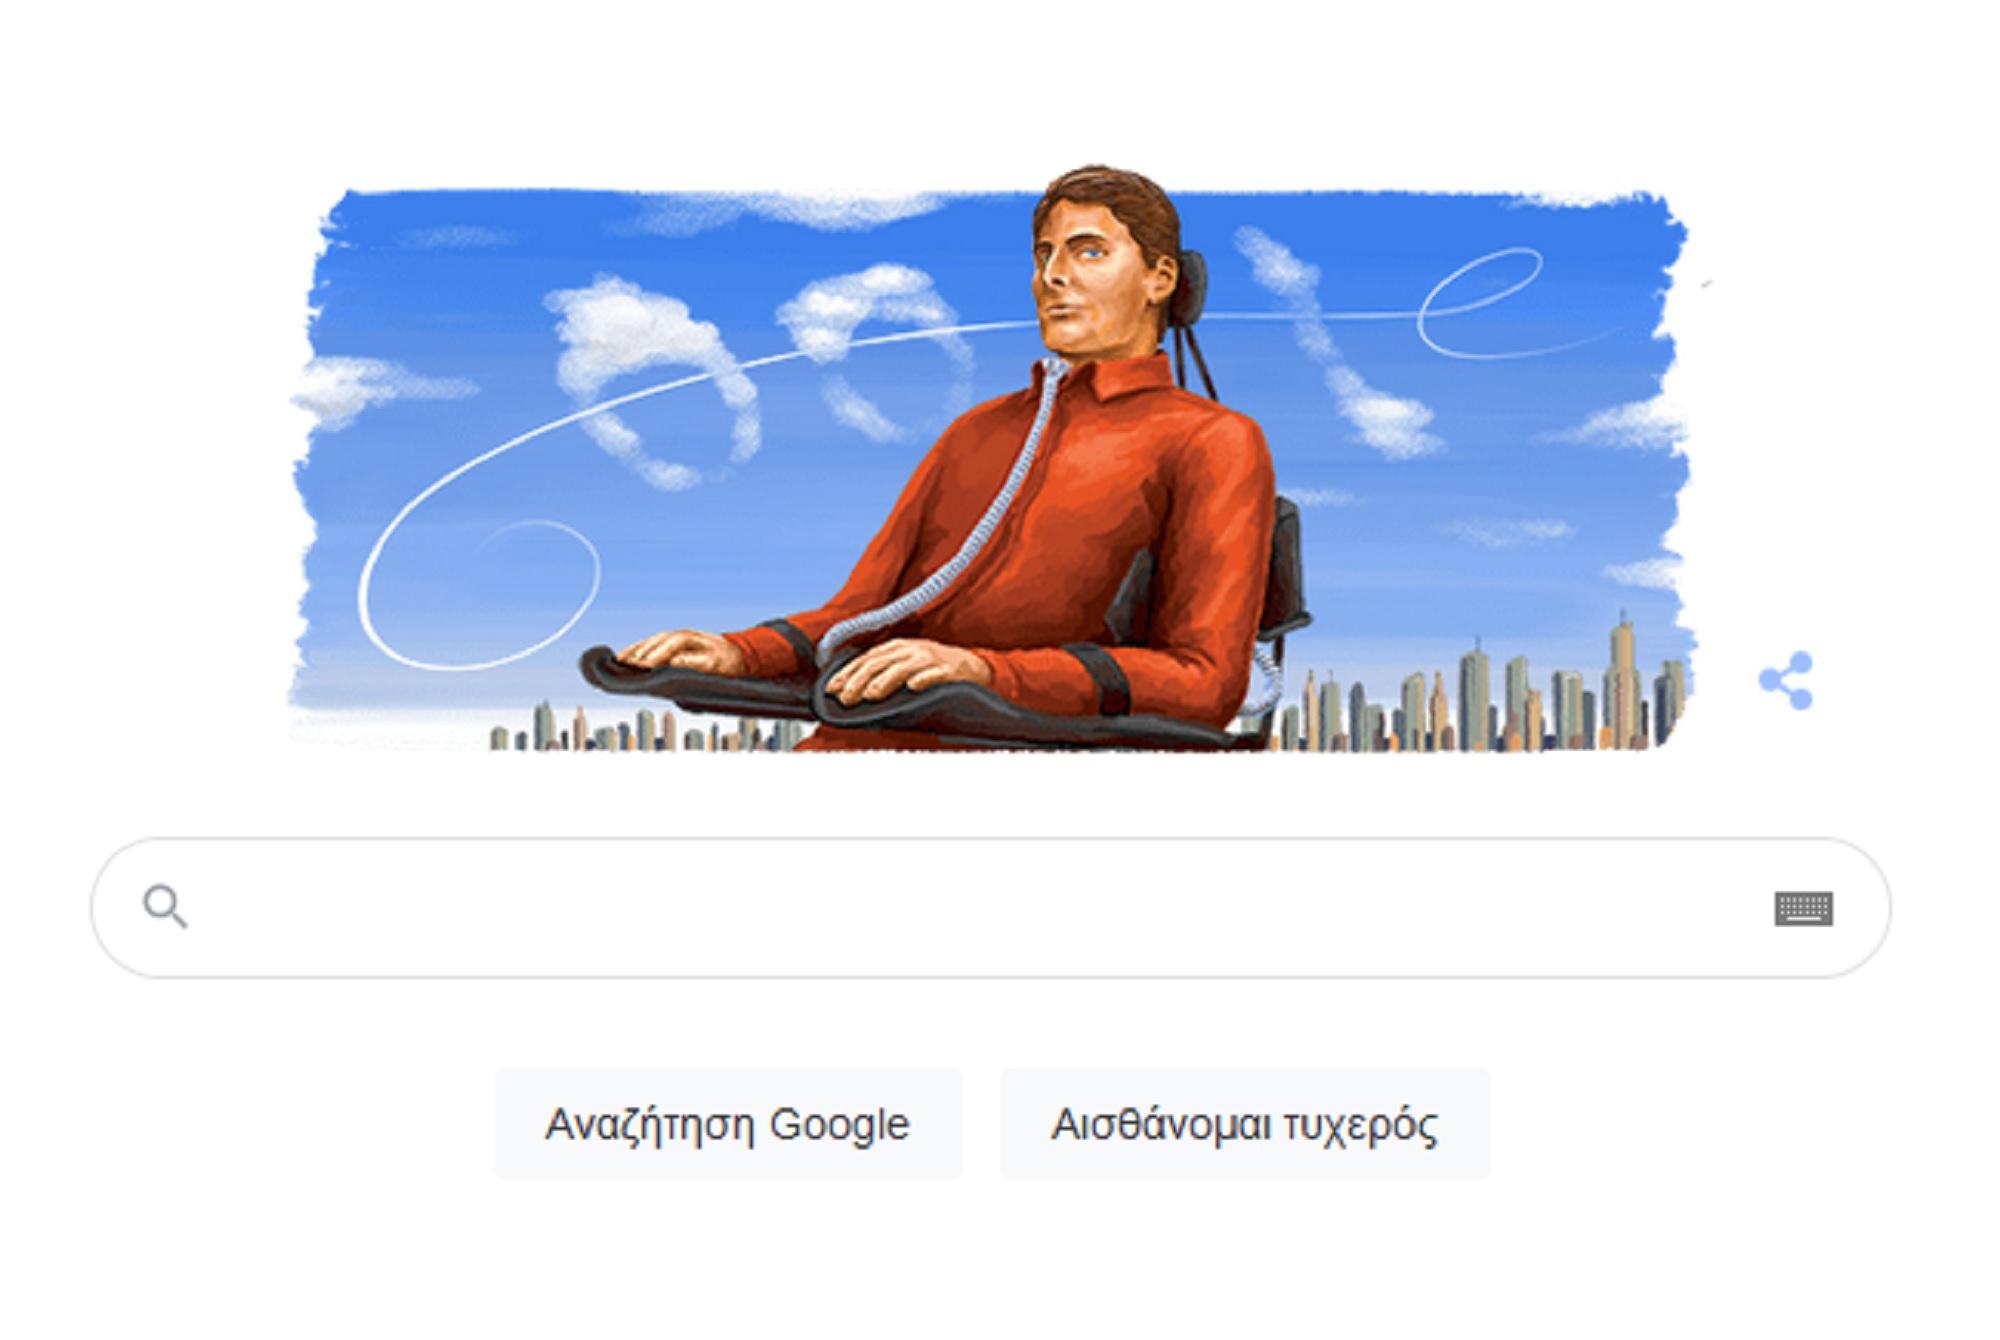 Κρίστοφερ Ριβ: Η Google τιμά τον «αυθεντικό» Σούπερμαν